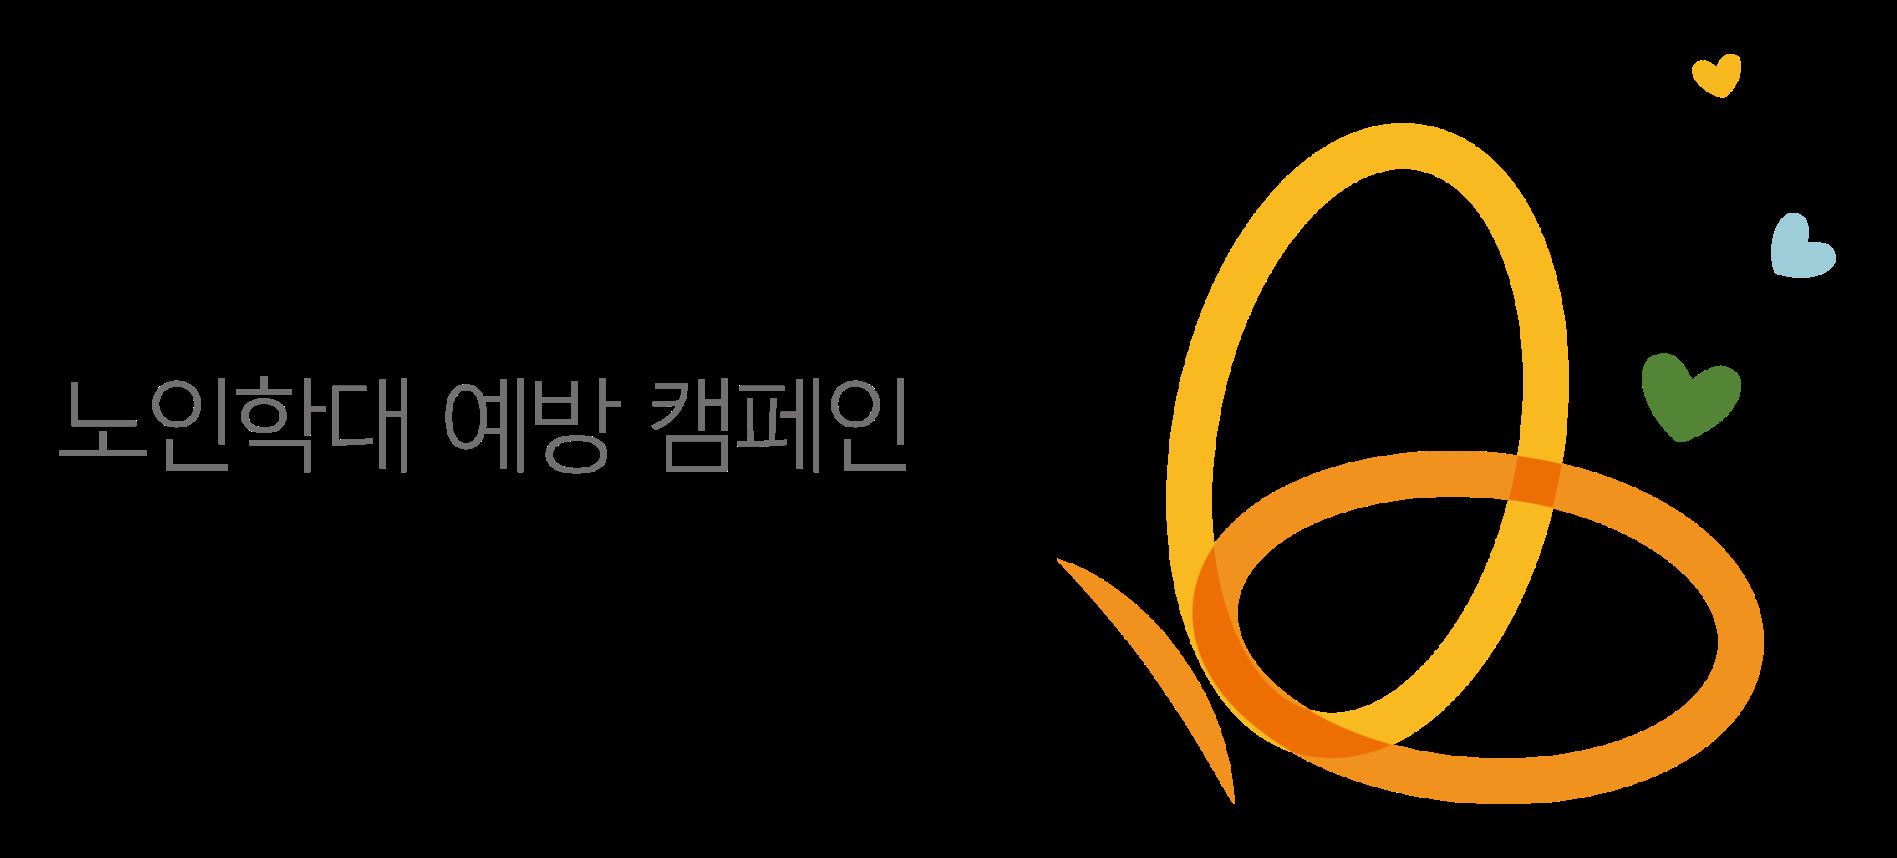 노인학대 예방, '나비새김 켐페인'으로 사회적 관심 모으기